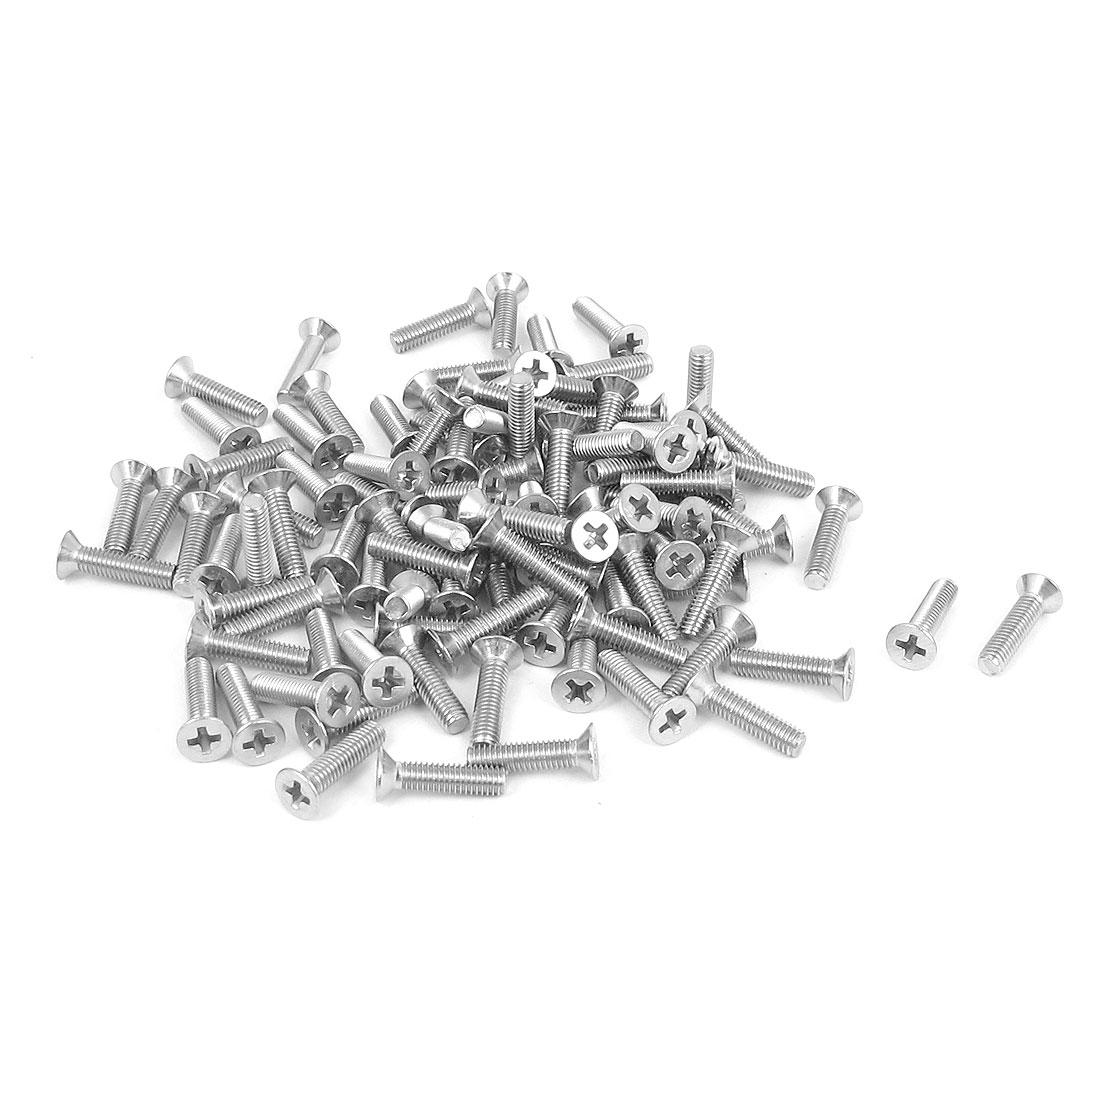 M3 x 12mm Metric Phillips Flat Head Countersunk Bolts Machine Screws 100pcs